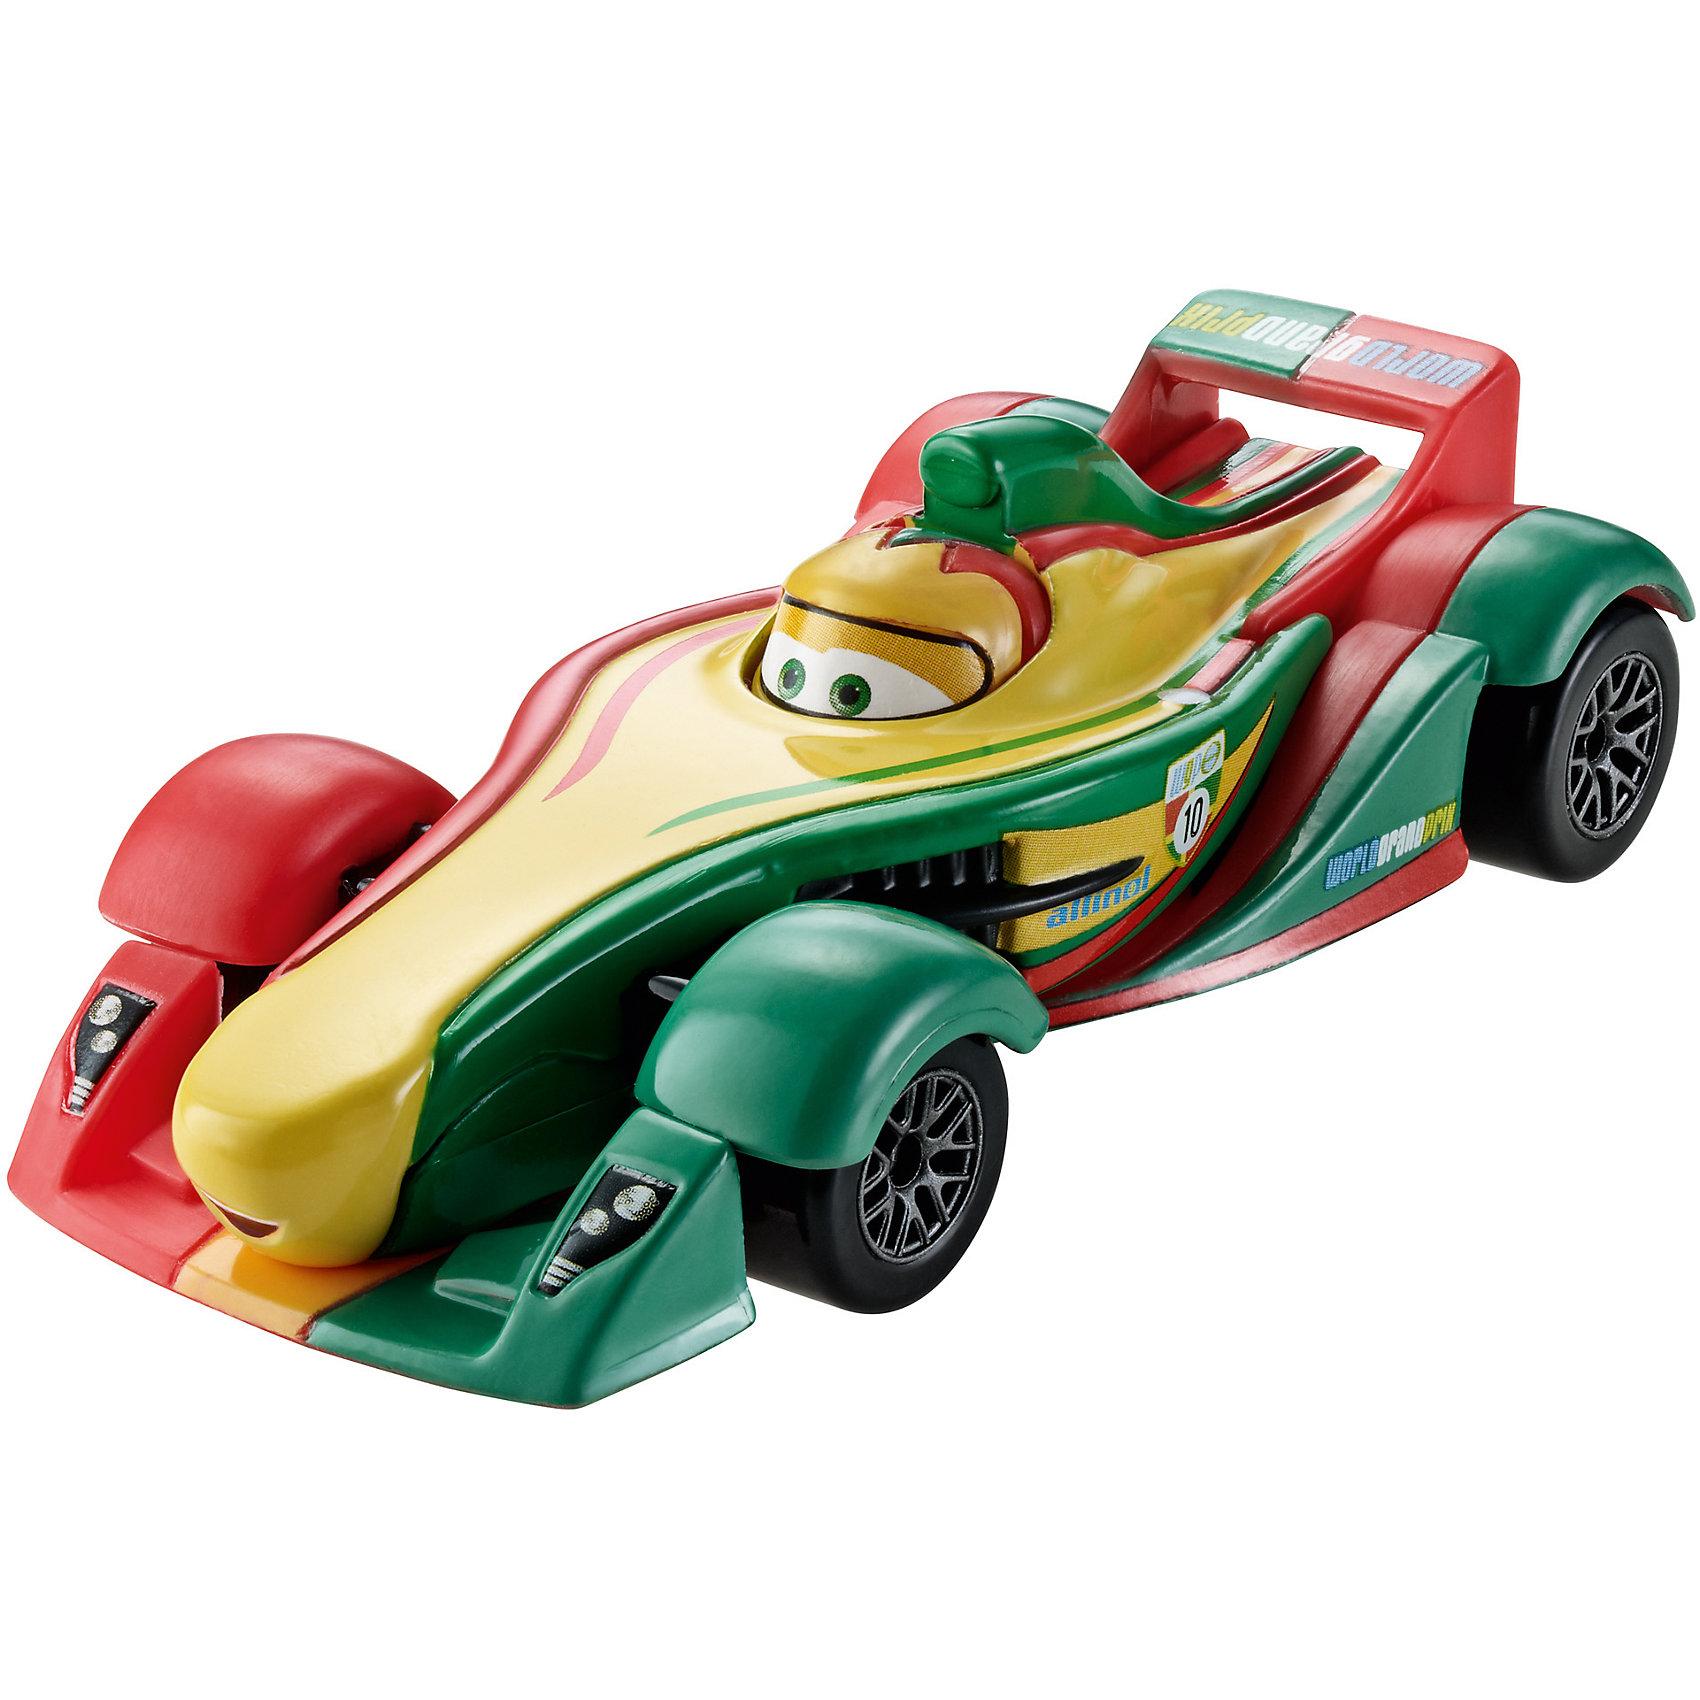 Литая машинка, Тачки-2Литая машинка Делюкс от компании «Mattel» выполнена в виде главного персонажа мультфильма «Тачки 2». Изготовленная из металла в масштабе 1:55 игрушка отличается высокой степенью детализации и качеством исполнения. Завладев несколькими моделями, малыш сможет окунуться в любимый мультипликационный мир, устроить красочные показательные выступления среди машинок-киногероев.<br><br>Дополнительная информация:<br><br>- Материал: металл<br>- В упаковке: 1 шт.<br>- Размер машинки: 8 см.<br><br>Литую машинку, Тачки-2 можно купить в нашем магазине.<br><br>Ширина мм: 135<br>Глубина мм: 45<br>Высота мм: 160<br>Вес г: 80<br>Возраст от месяцев: 36<br>Возраст до месяцев: 72<br>Пол: Мужской<br>Возраст: Детский<br>SKU: 5146051